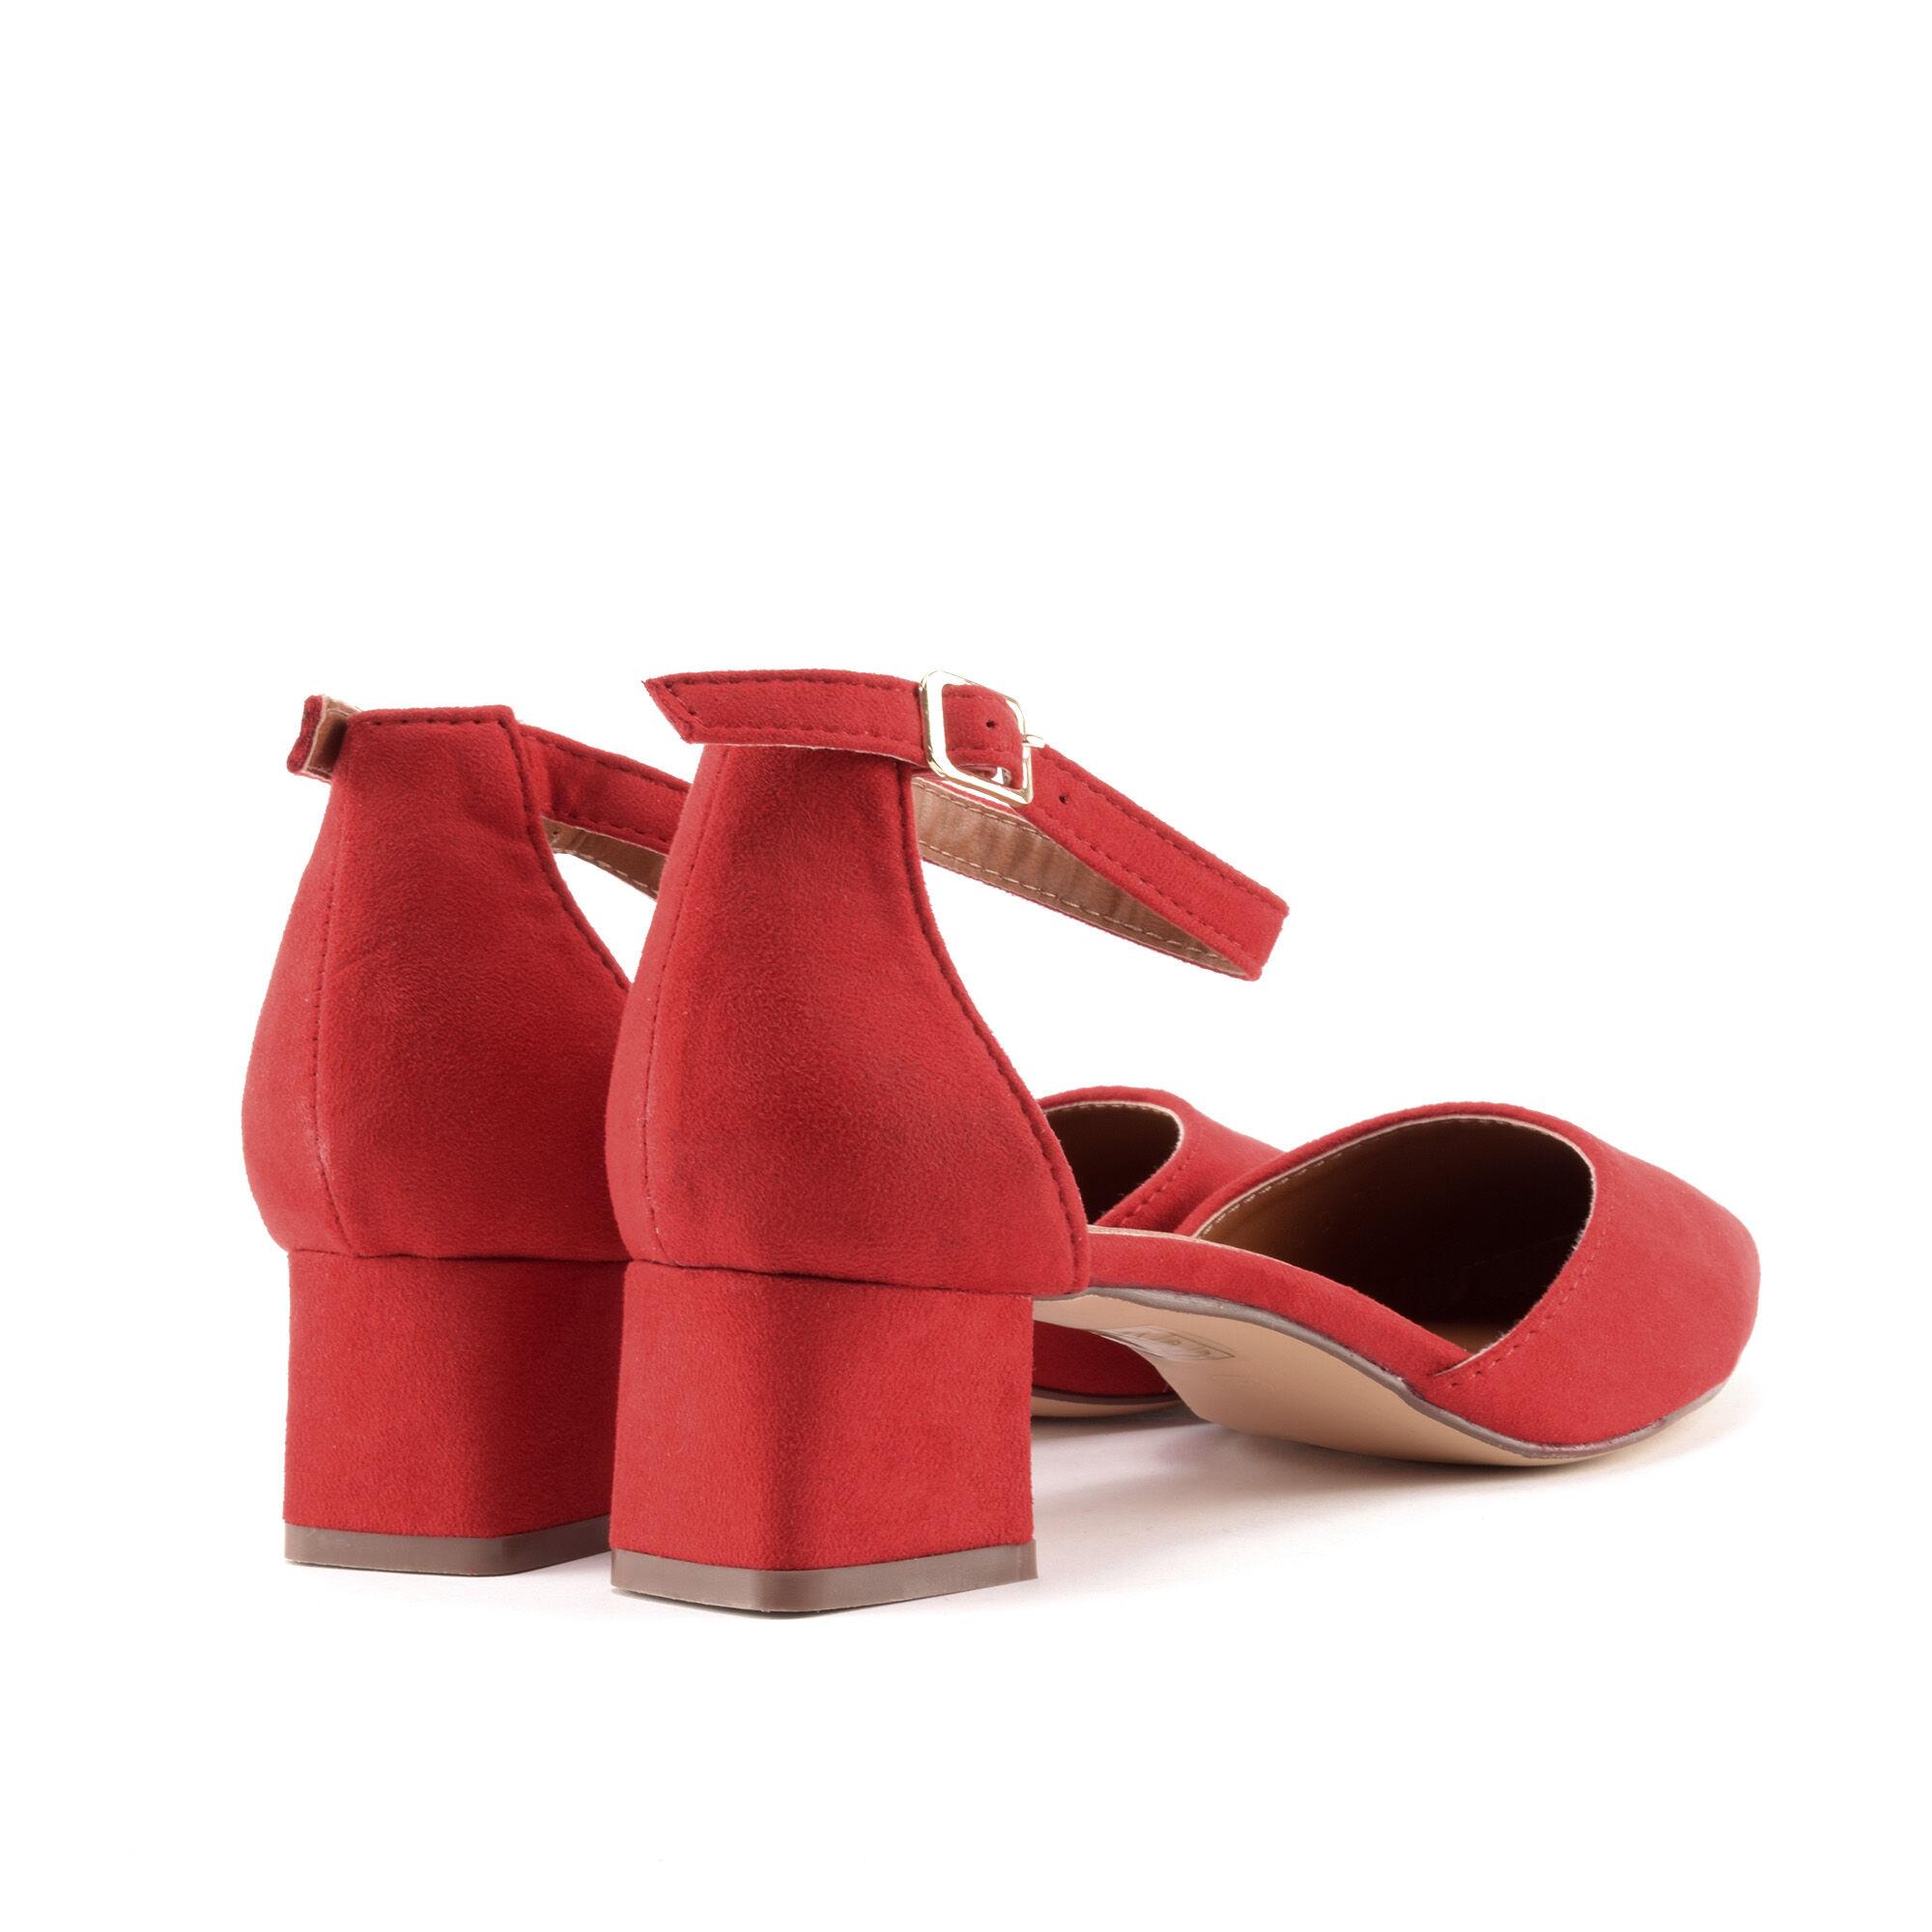 Női piros trottőr sarkú művelúr cipő - TÖRPESARKÚ CIPŐK - Női cipő ... 03fe79eae6